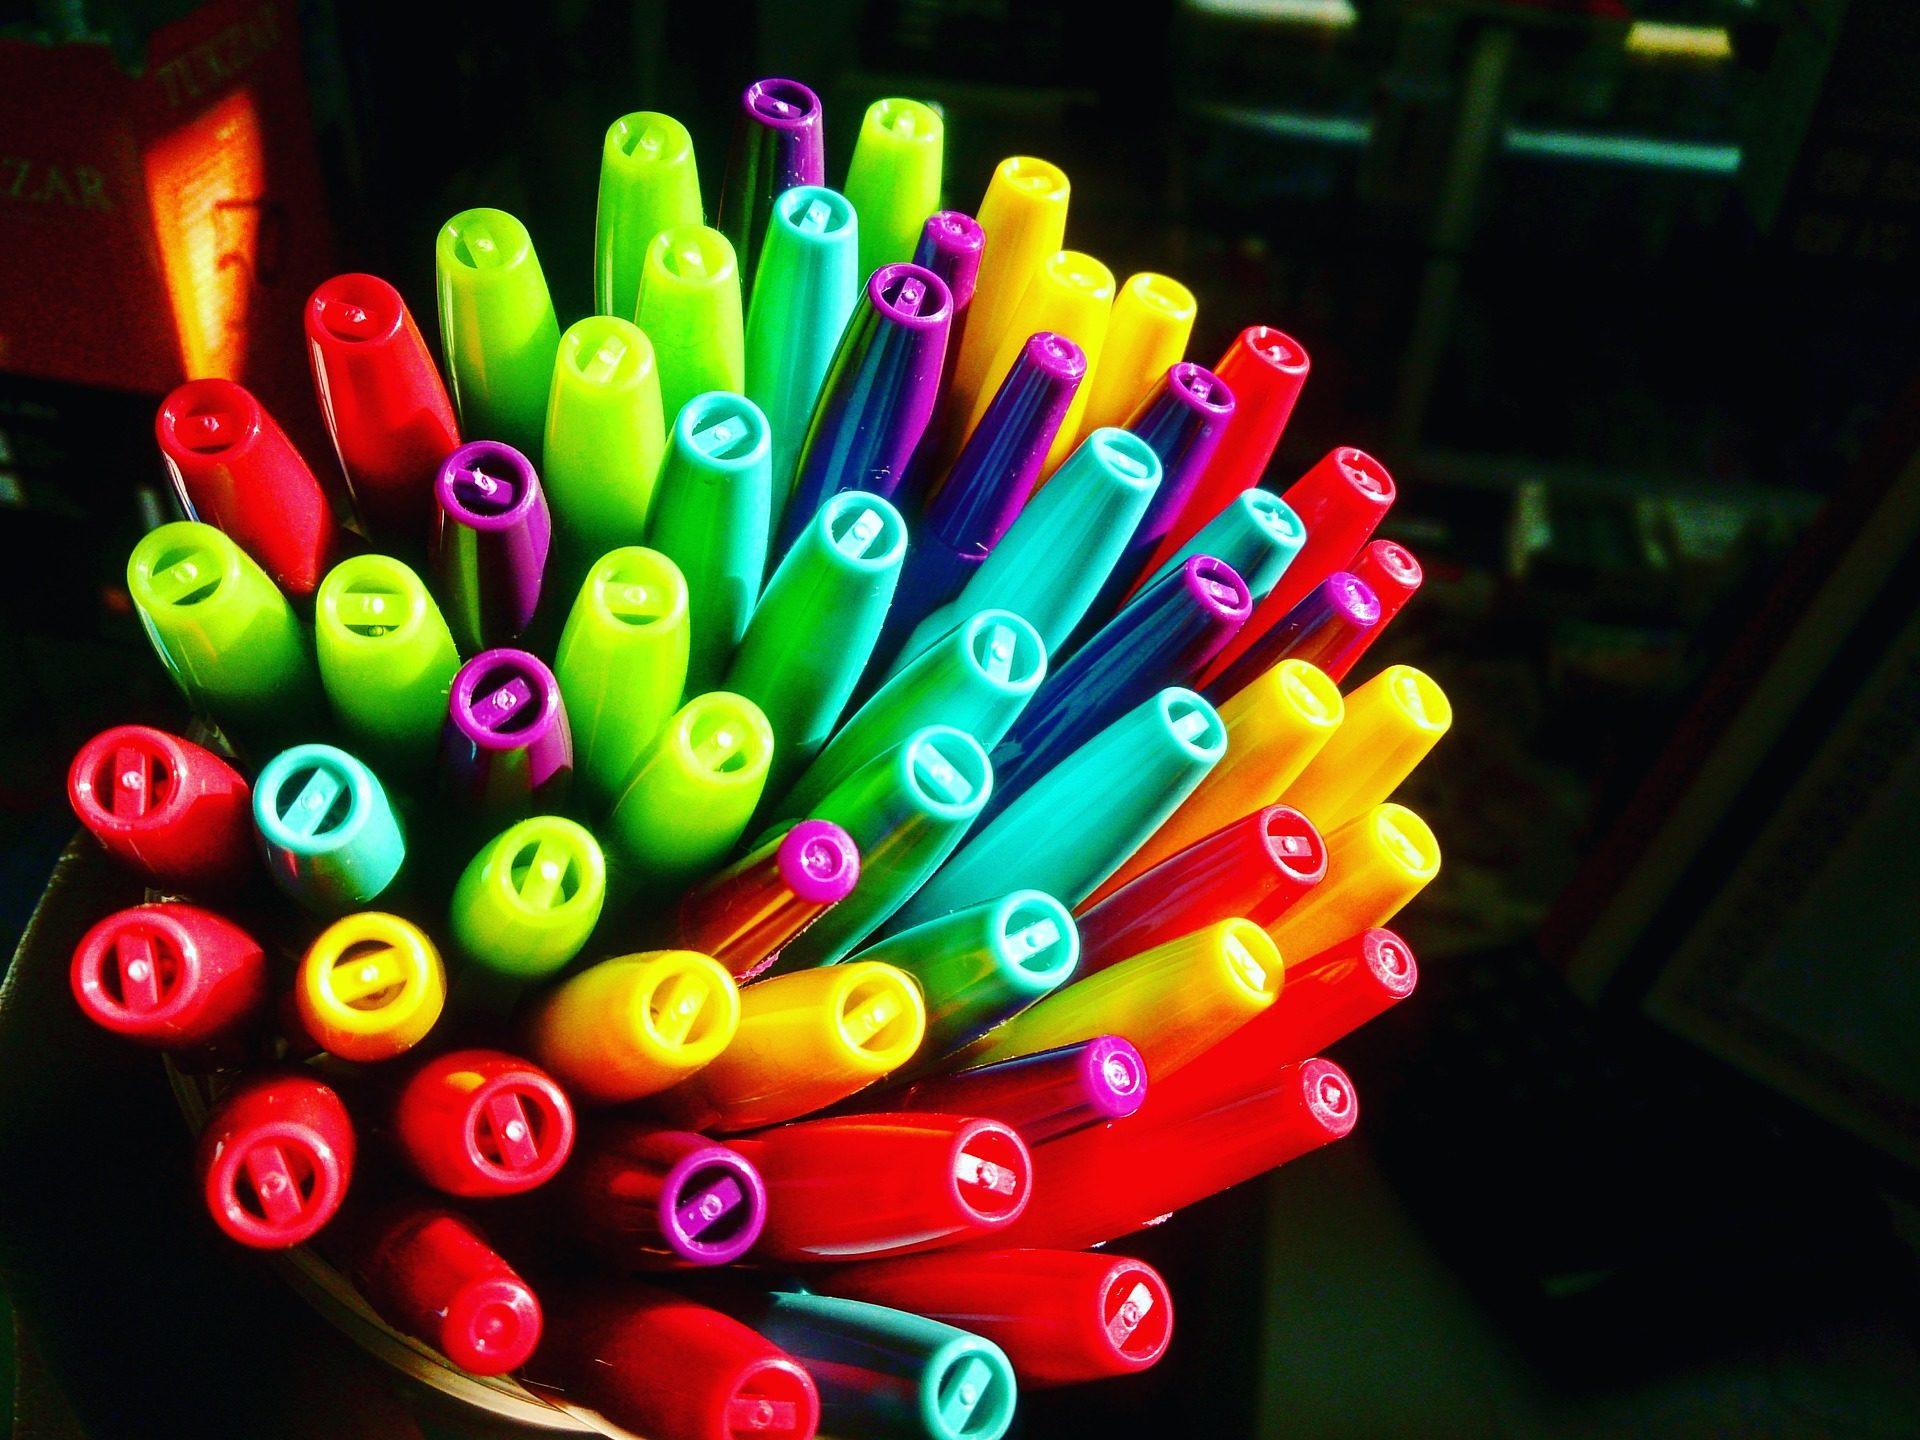 Penne, pennarelli, quantità, colorato, penna - Sfondi HD - Professor-falken.com